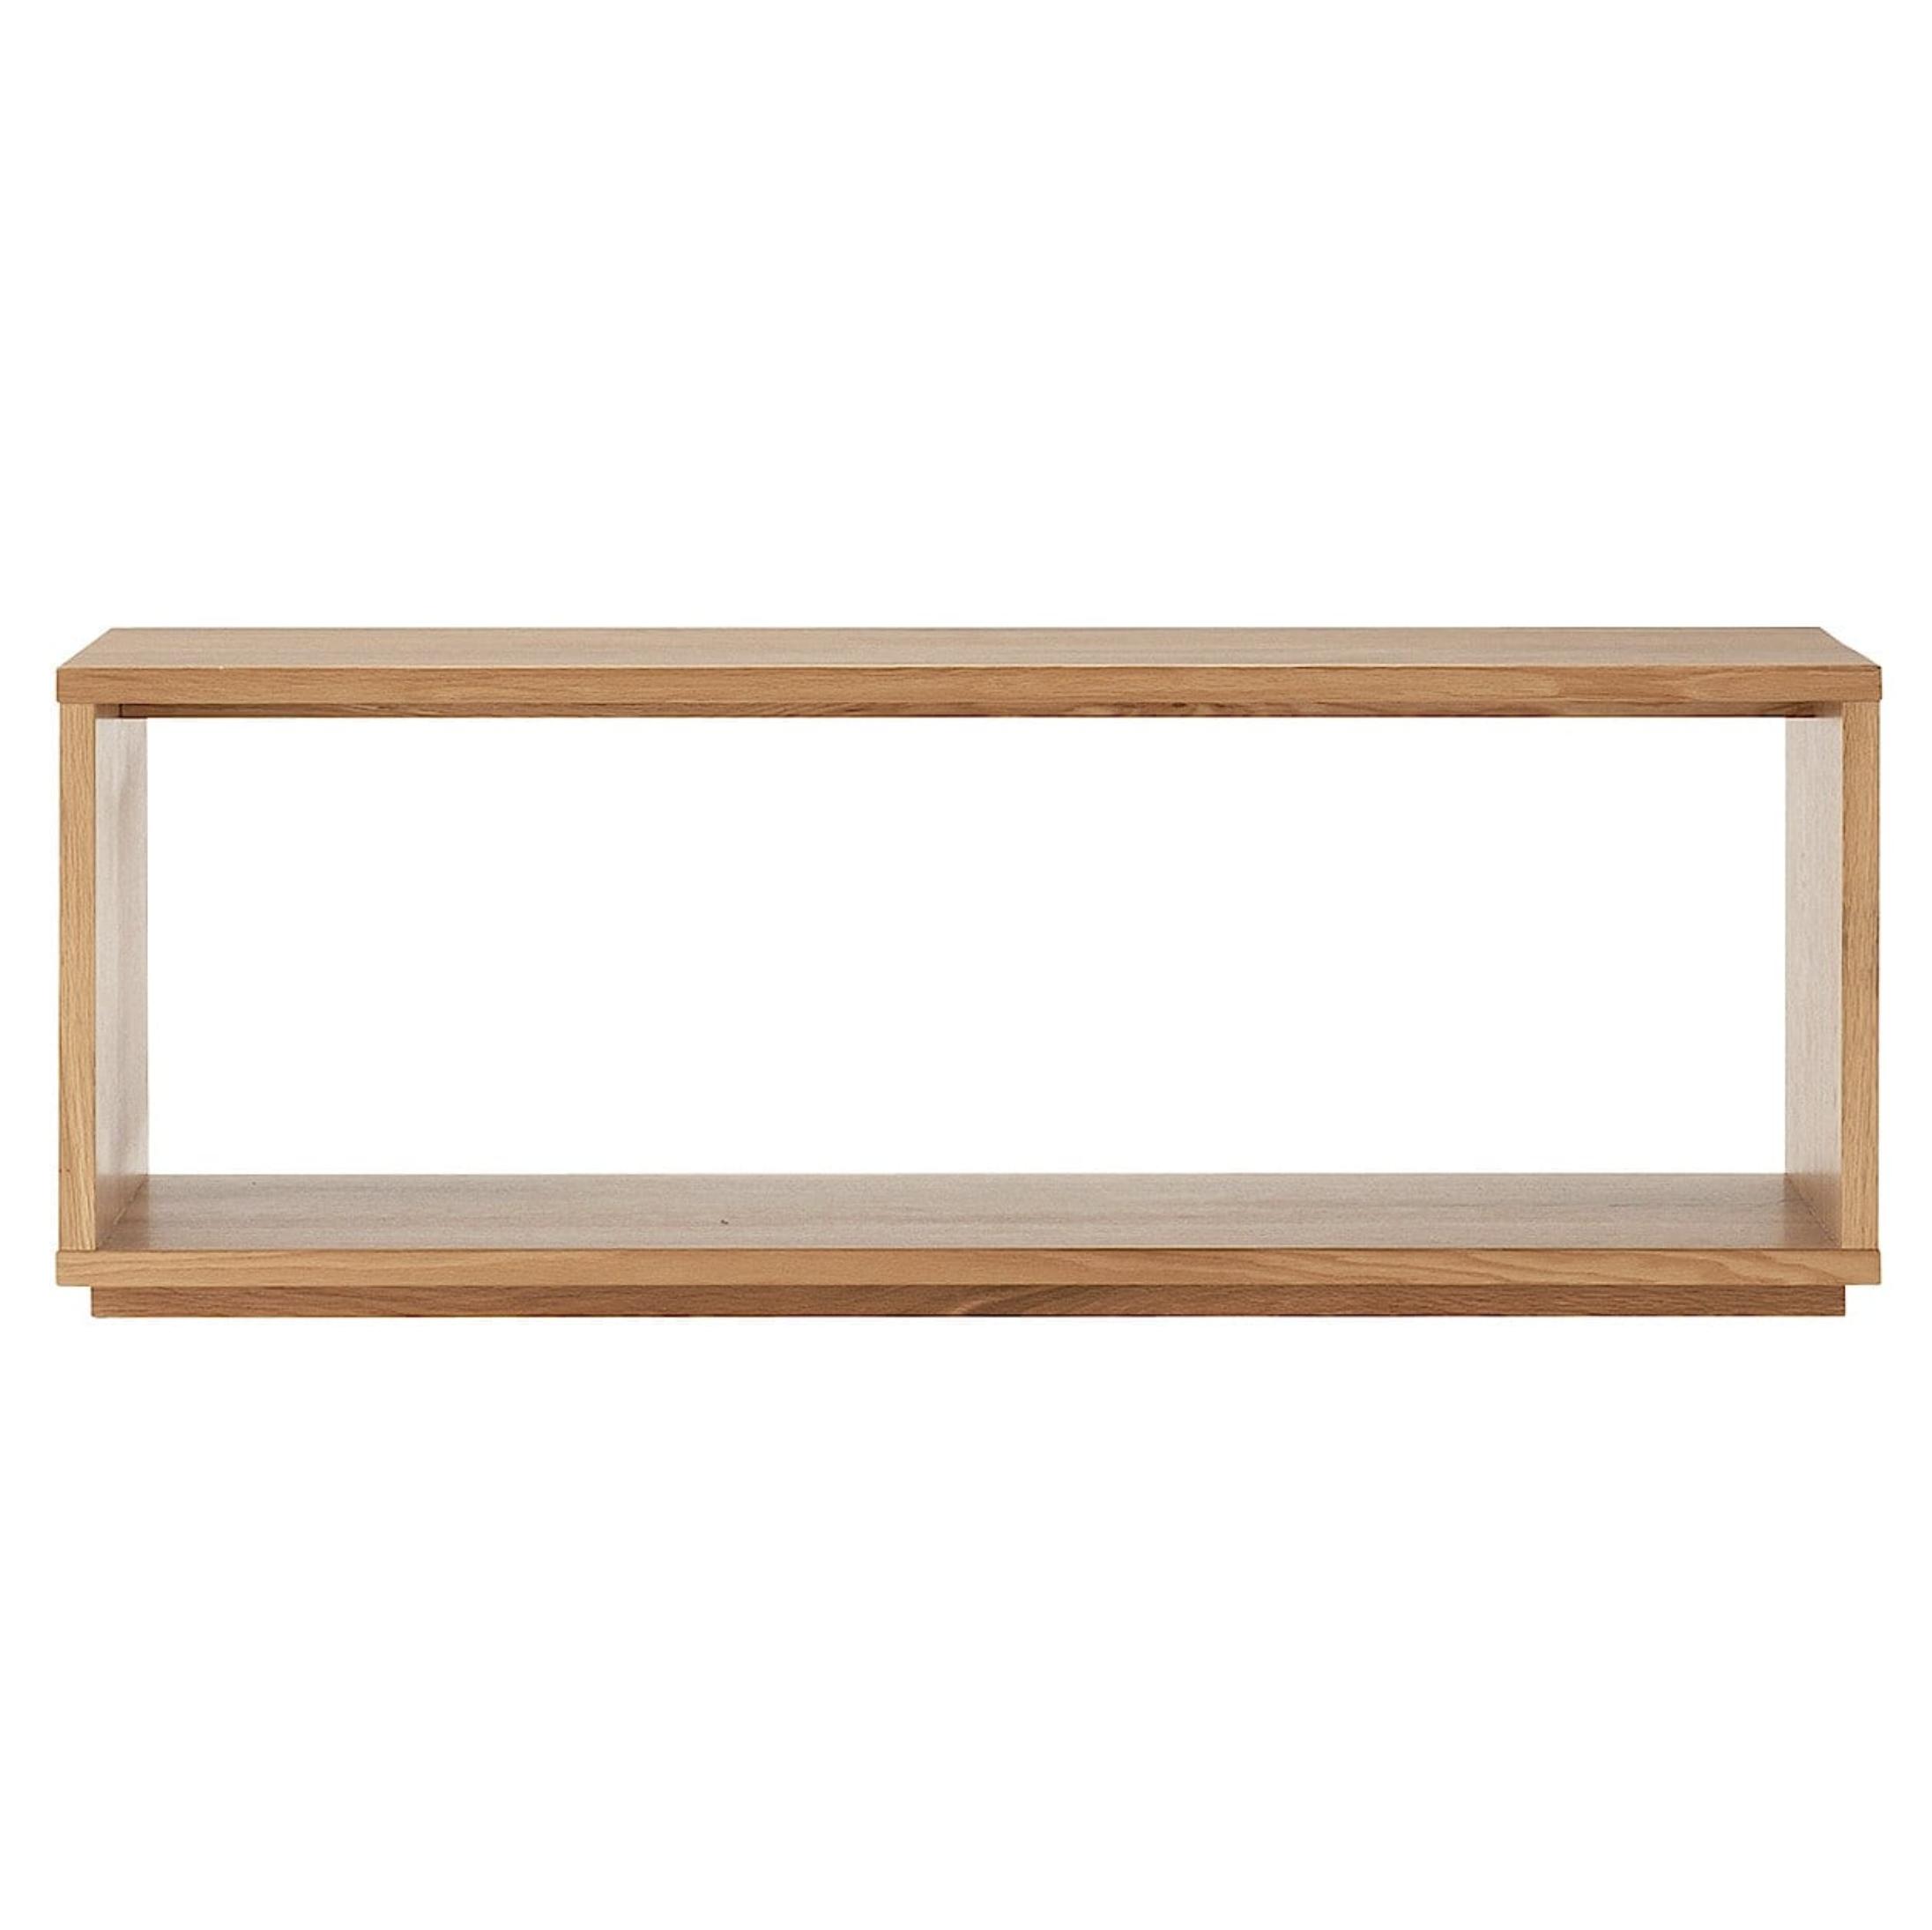 木製テーブルベンチ/オーク材